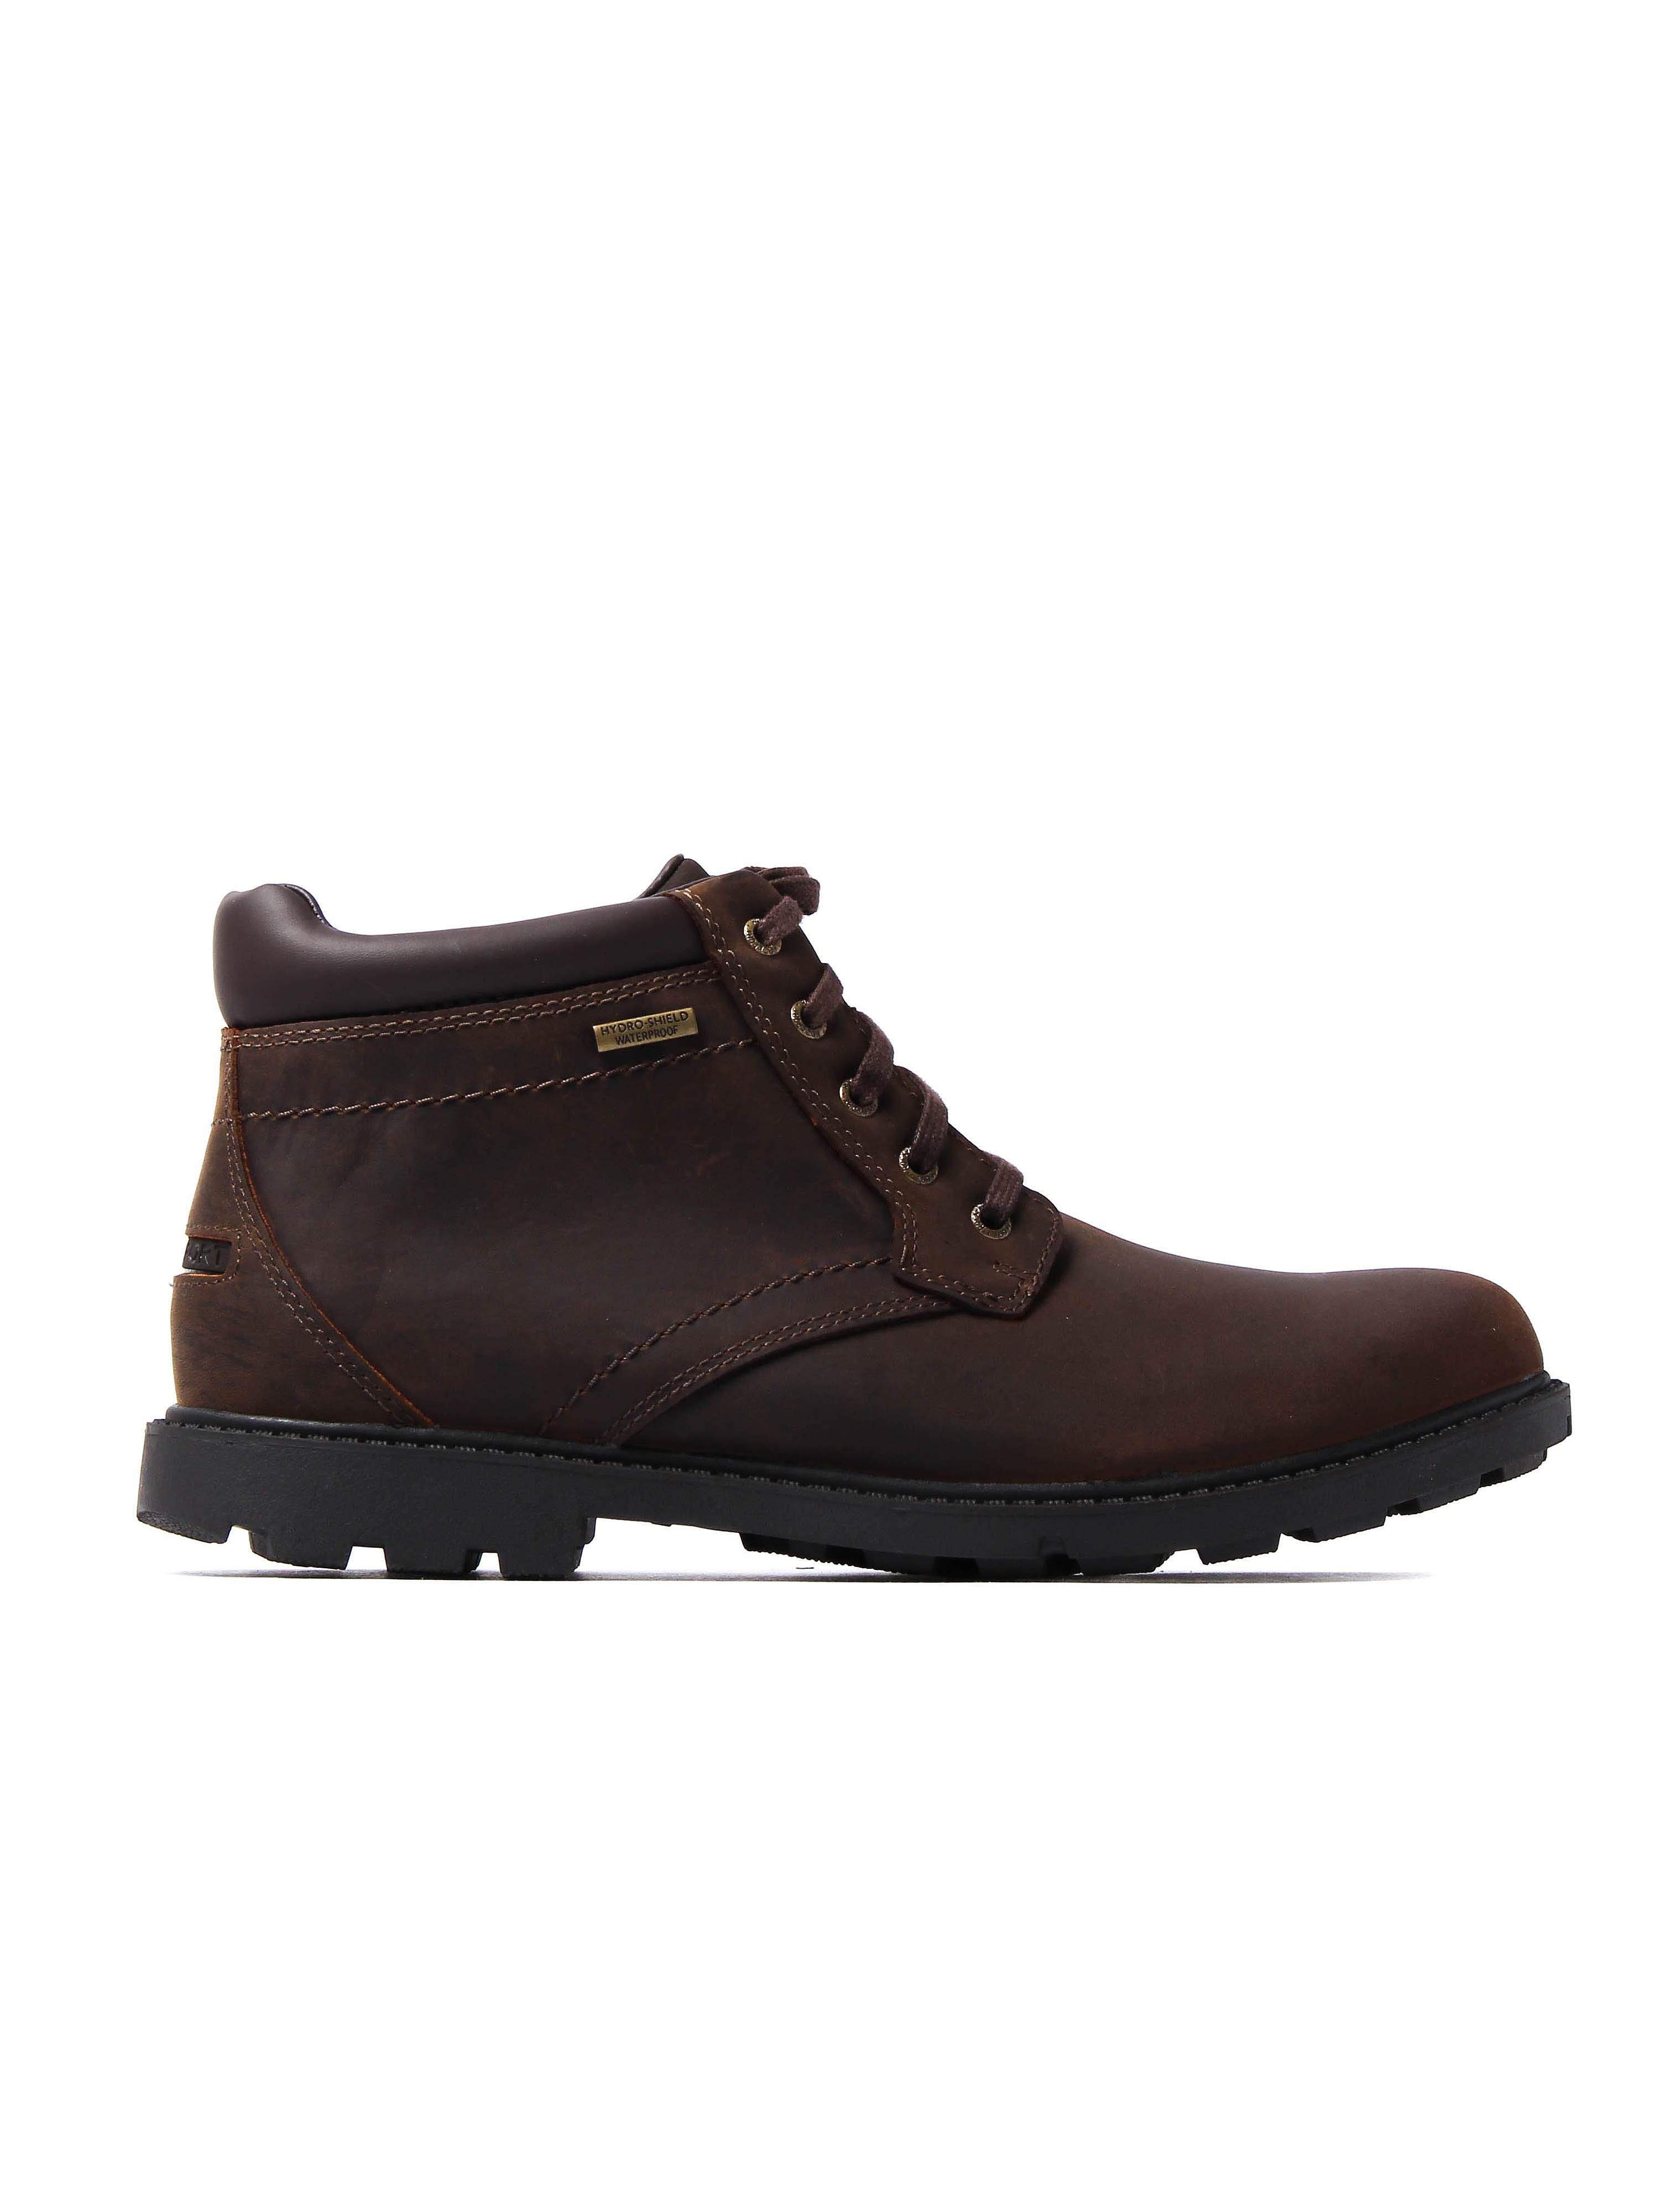 Rockport Men's Surge Storm Boots - Tan Leather